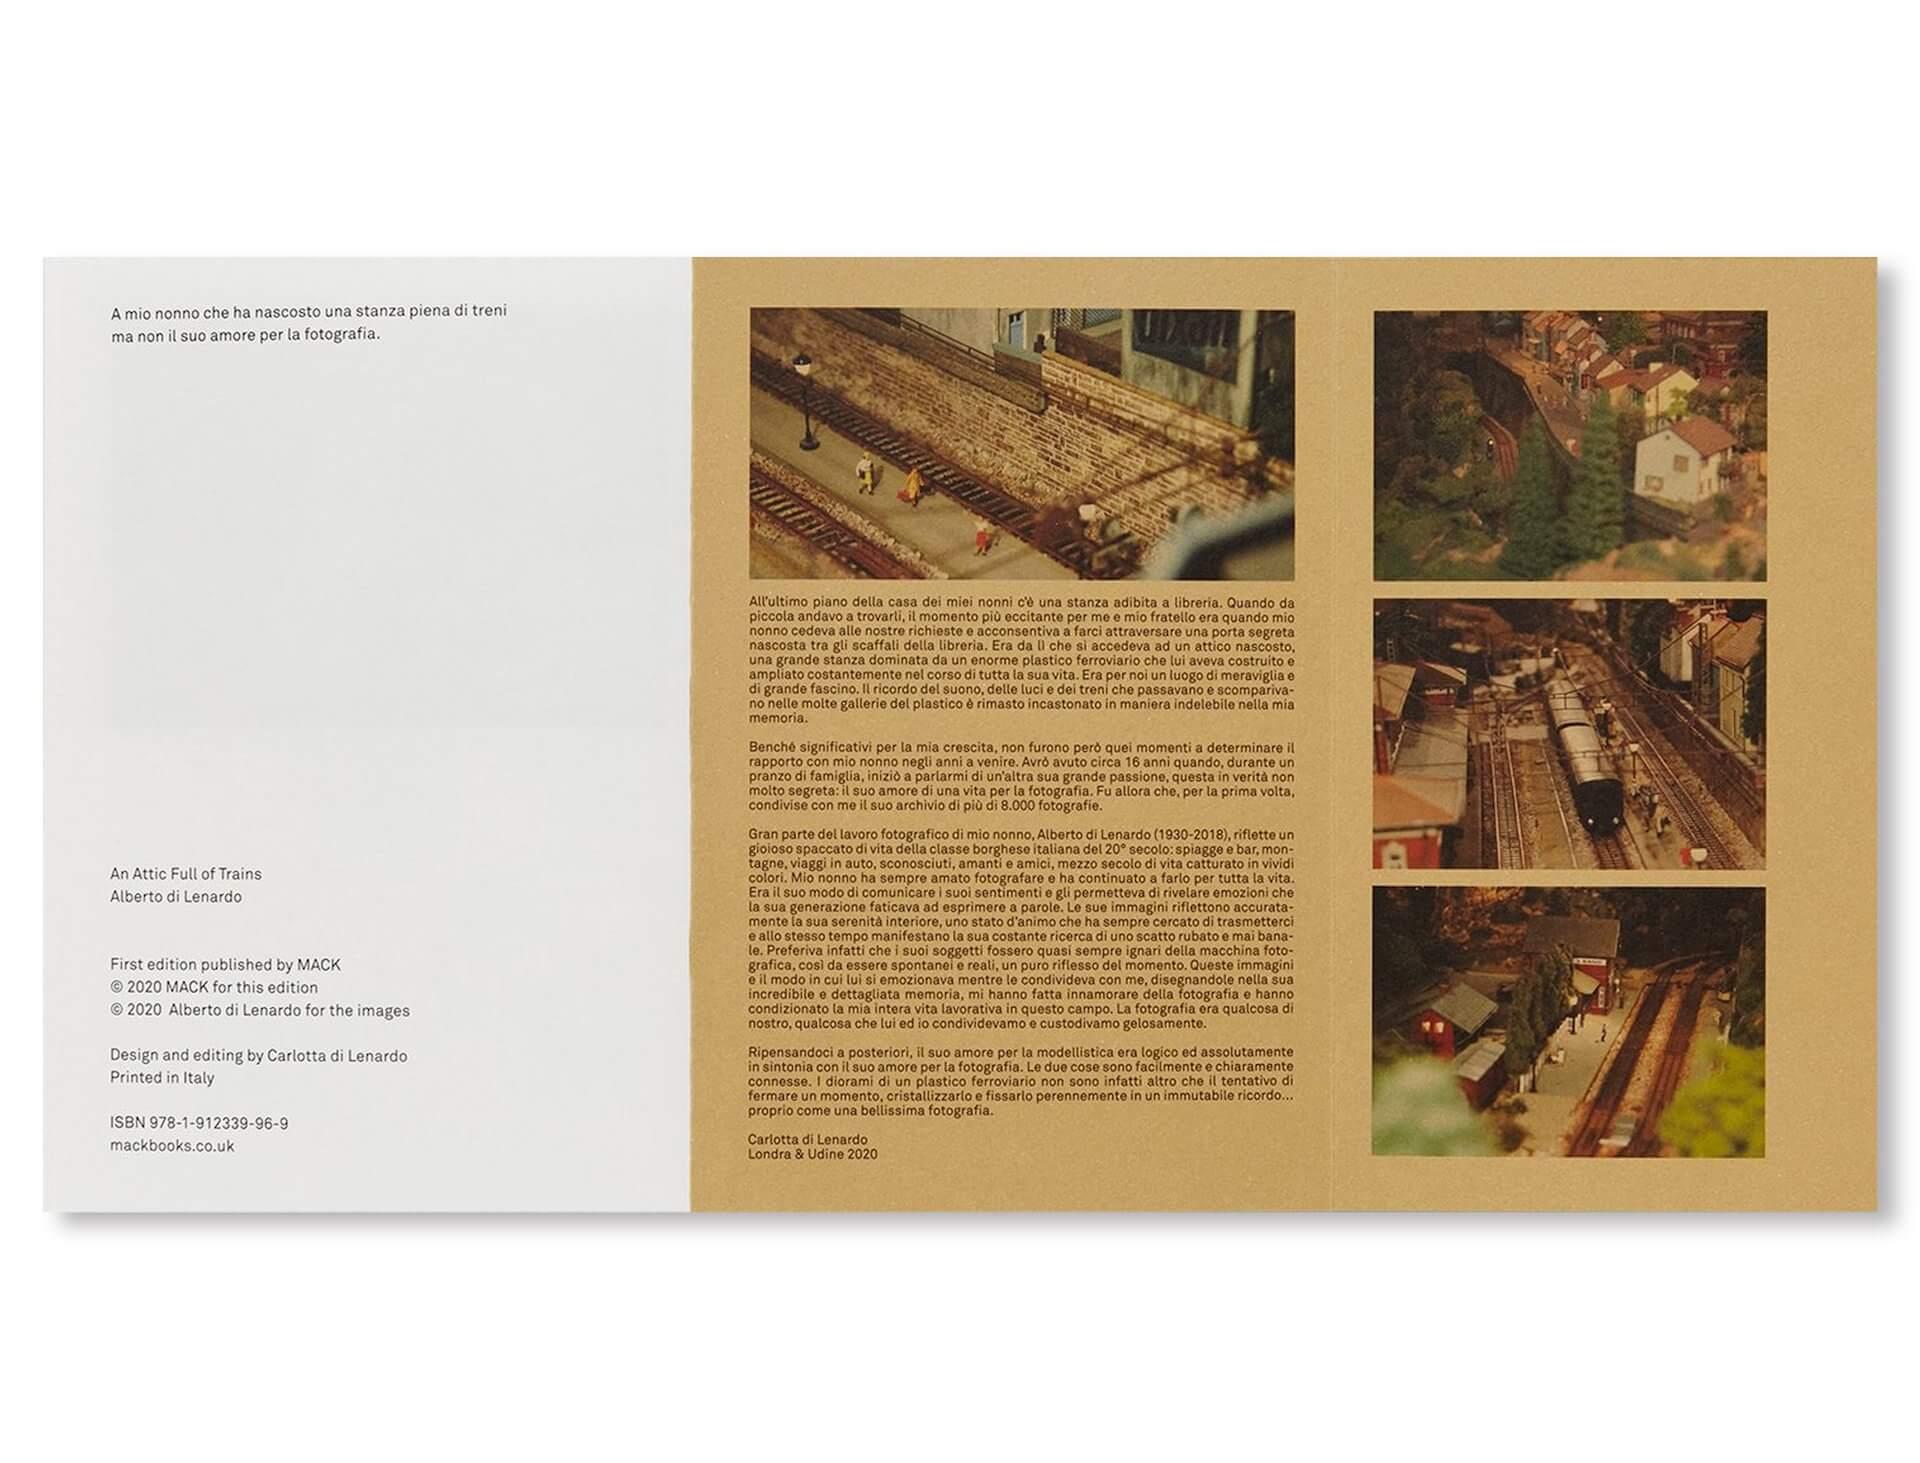 アートブックノススメ|Qetic編集部が選ぶ4冊/Alberto di Lenardo, Carlotta di Lenardo他 column210521_artbook-05